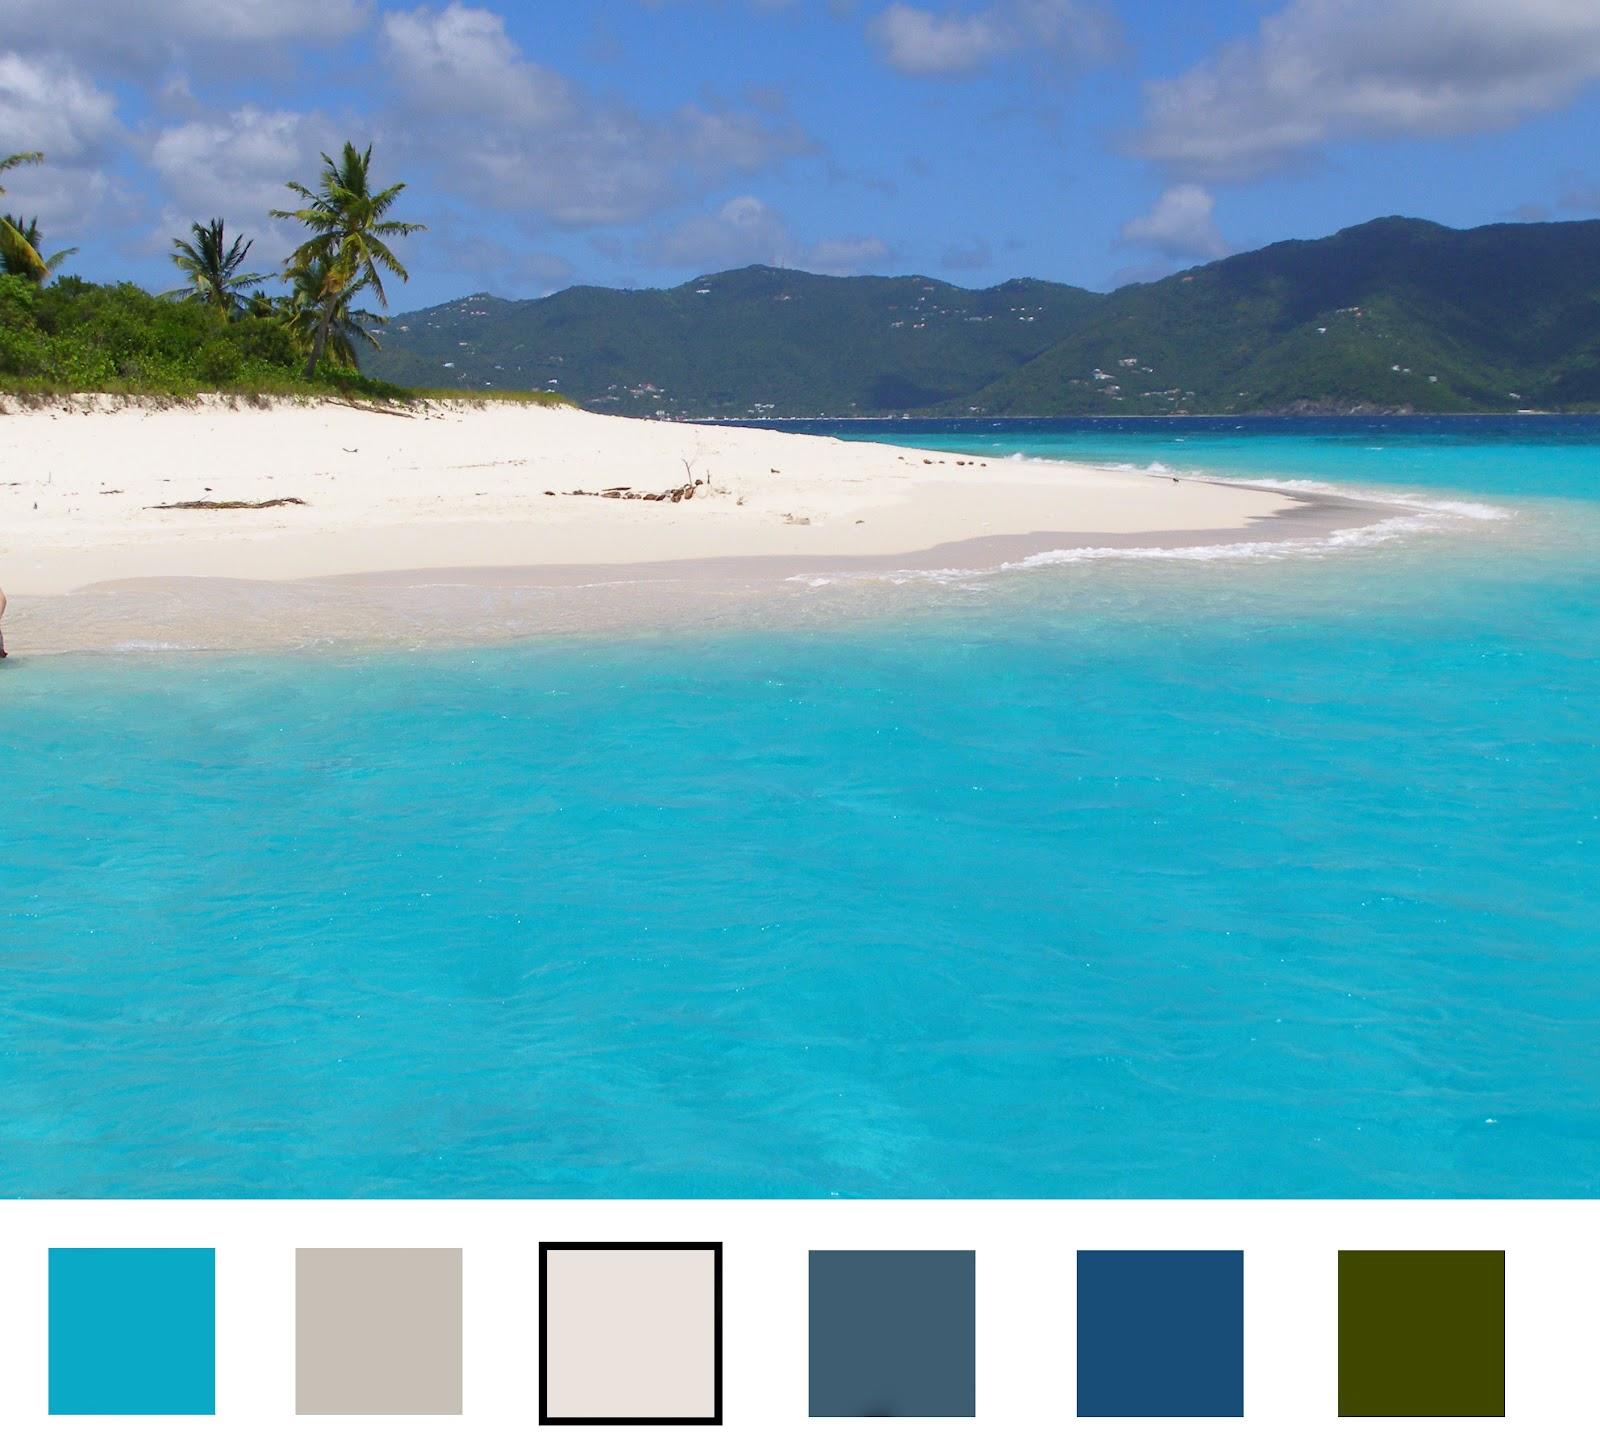 Caribbean Beach: أسهل طريقة لاختيار الوان جديدة و متناسقة لديكور المنزل